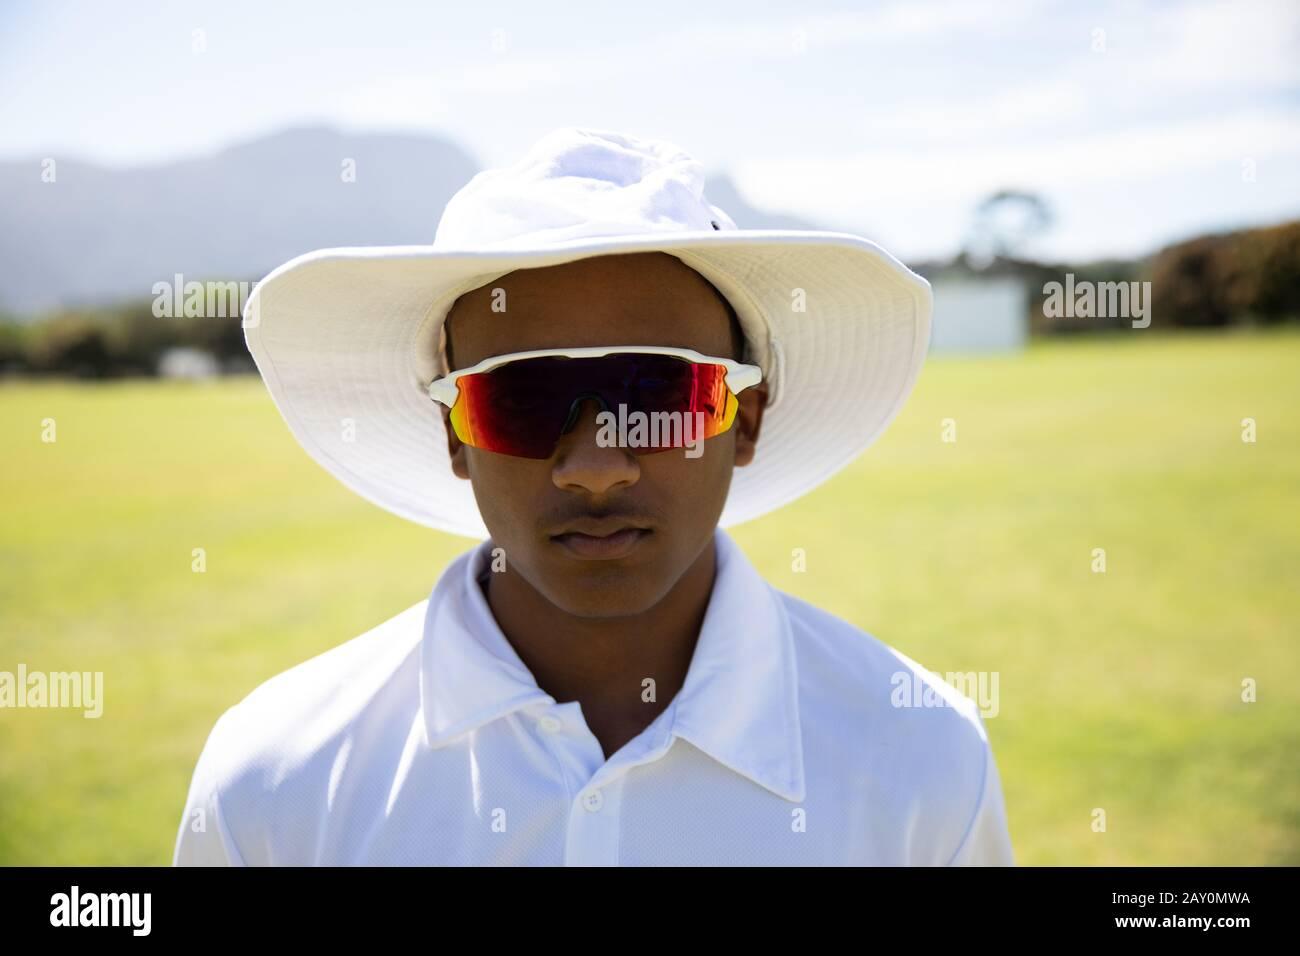 Cricket-Spieler mit Blick auf die Kamera Stockfoto